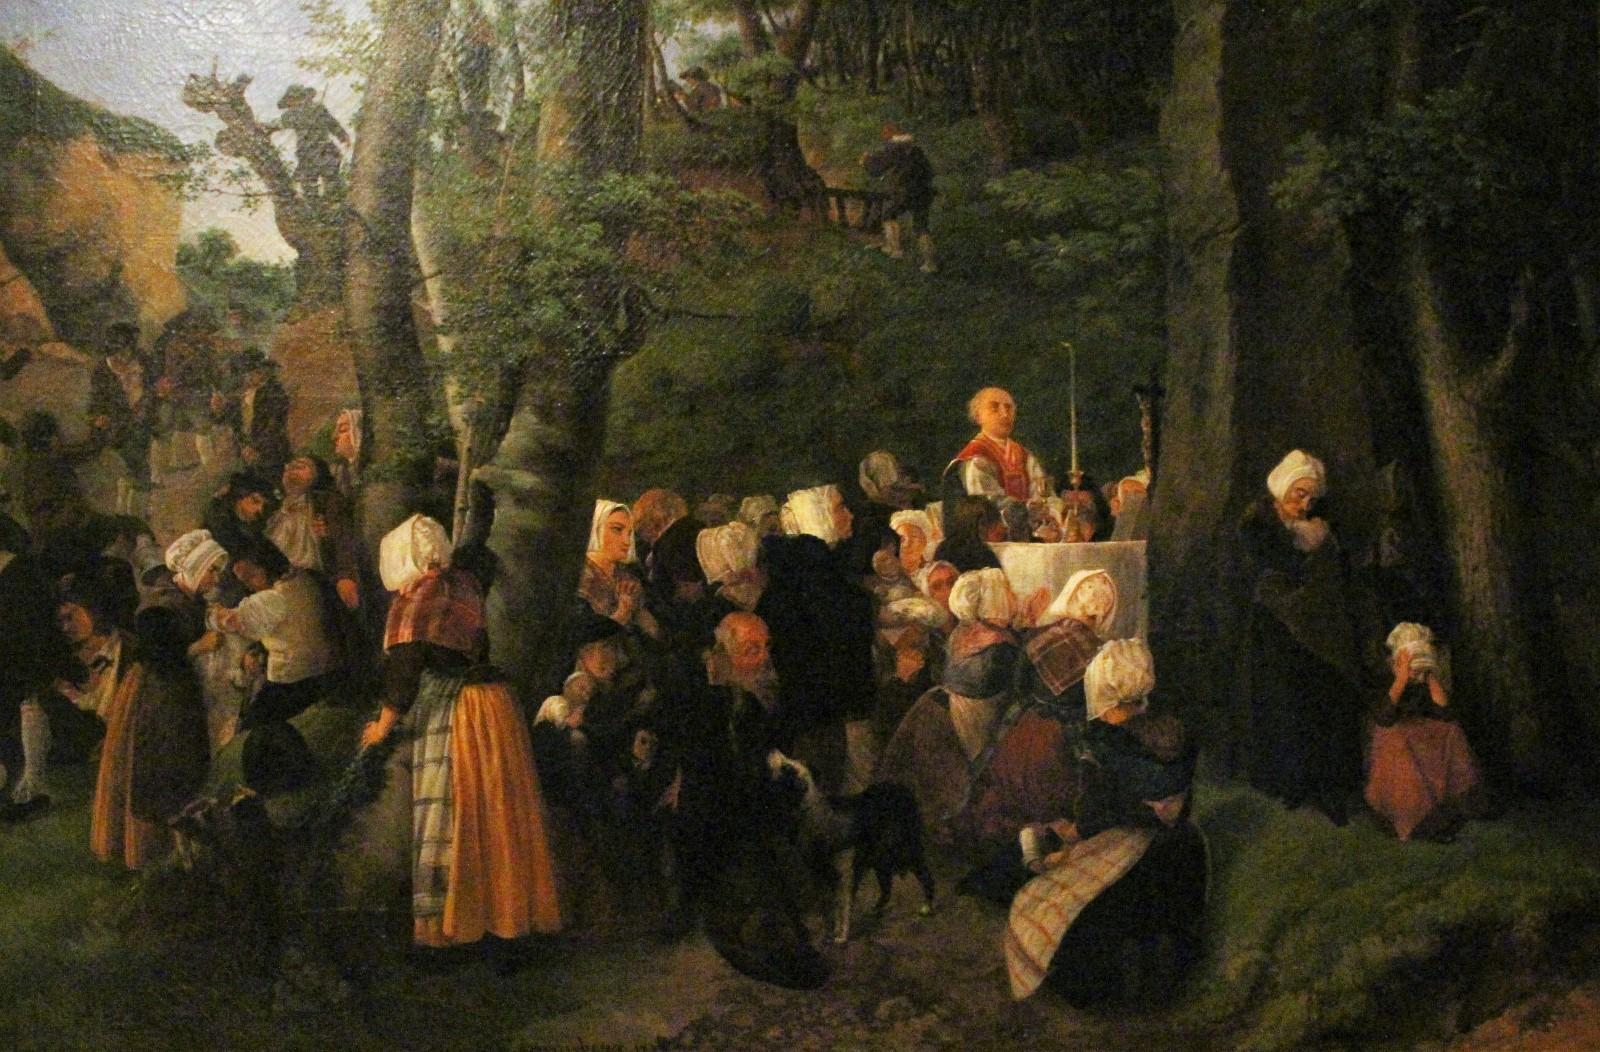 Imagen de una misa clandestina durante la guerra de la Vendée en un museo de esa región: esta sección del museo estaba dedicada al levantamiento católico que hubo en la zona contra la revolución francesa